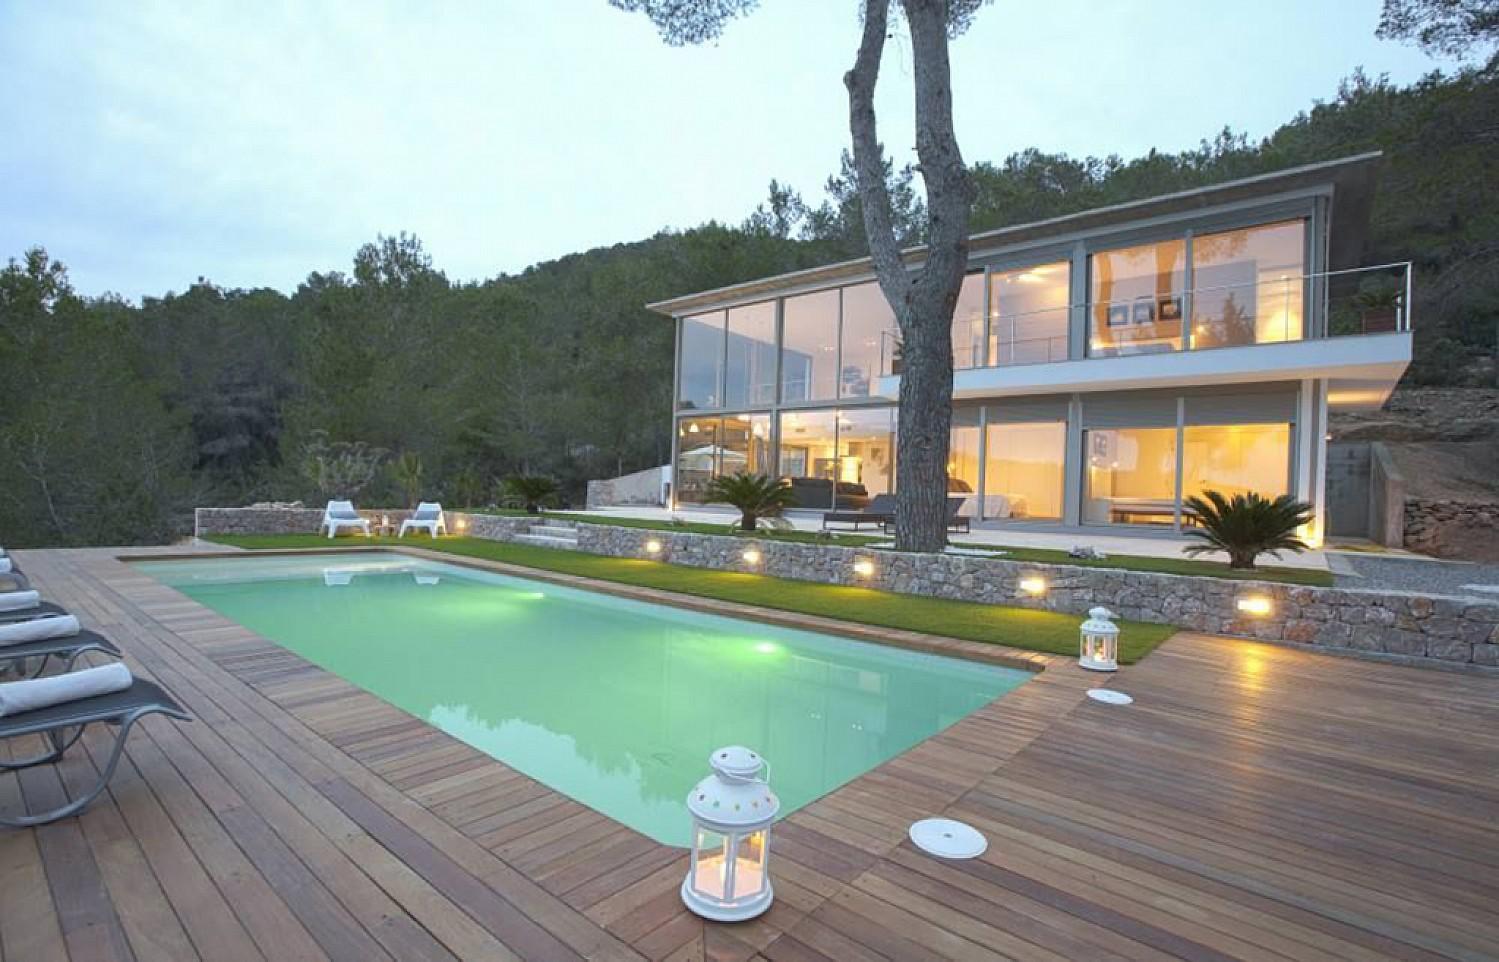 Fantàstica piscina al jardí